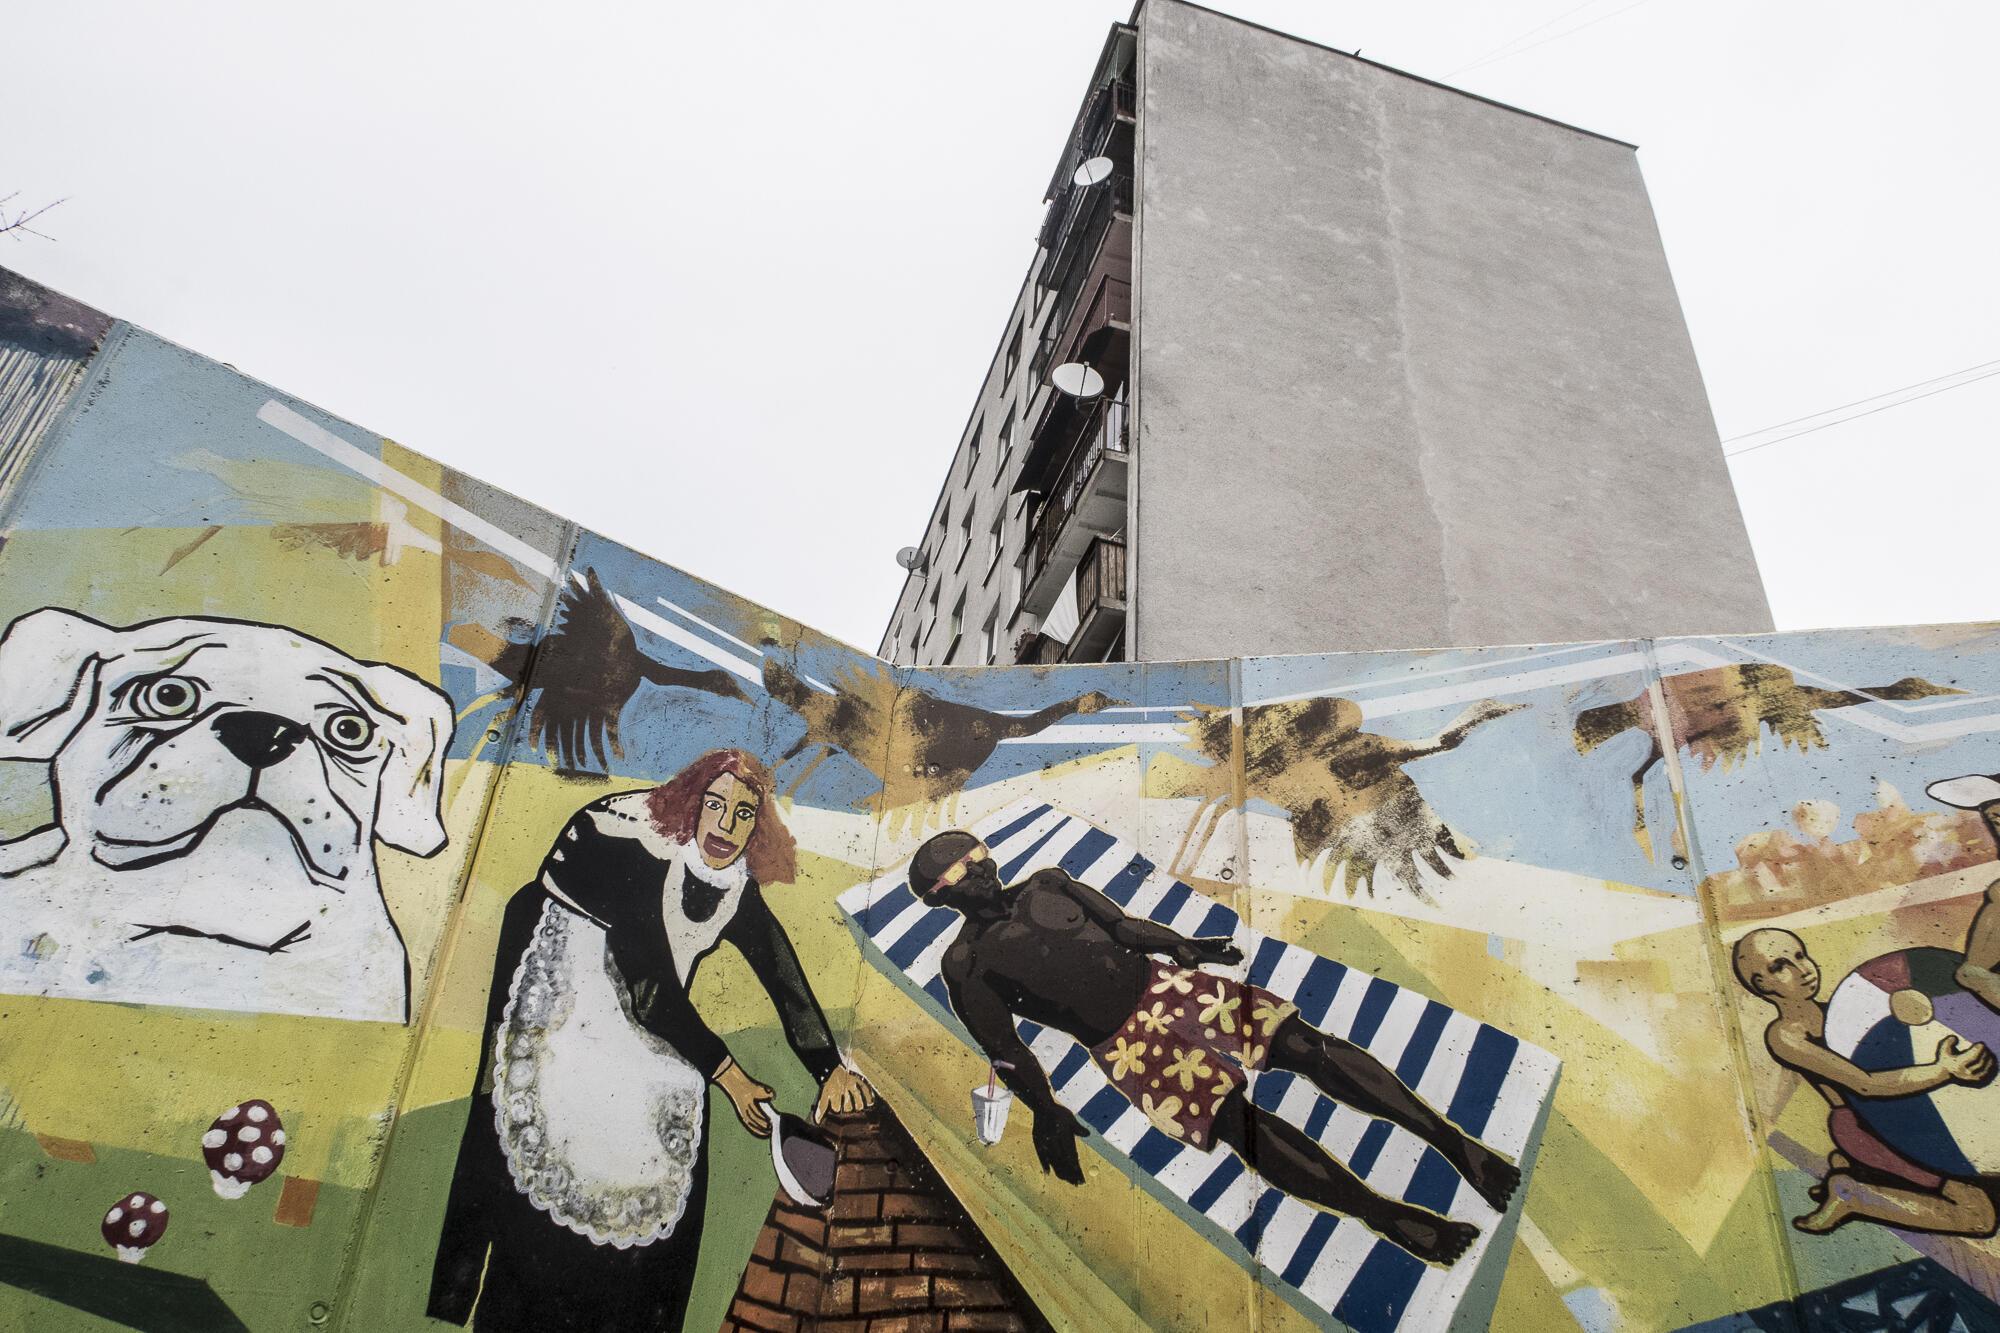 A Michalovce, des murs ont été érigés pour empêcher les Roms du ghetto voisin de passer dans ce quartier résidentiel et scolaire.